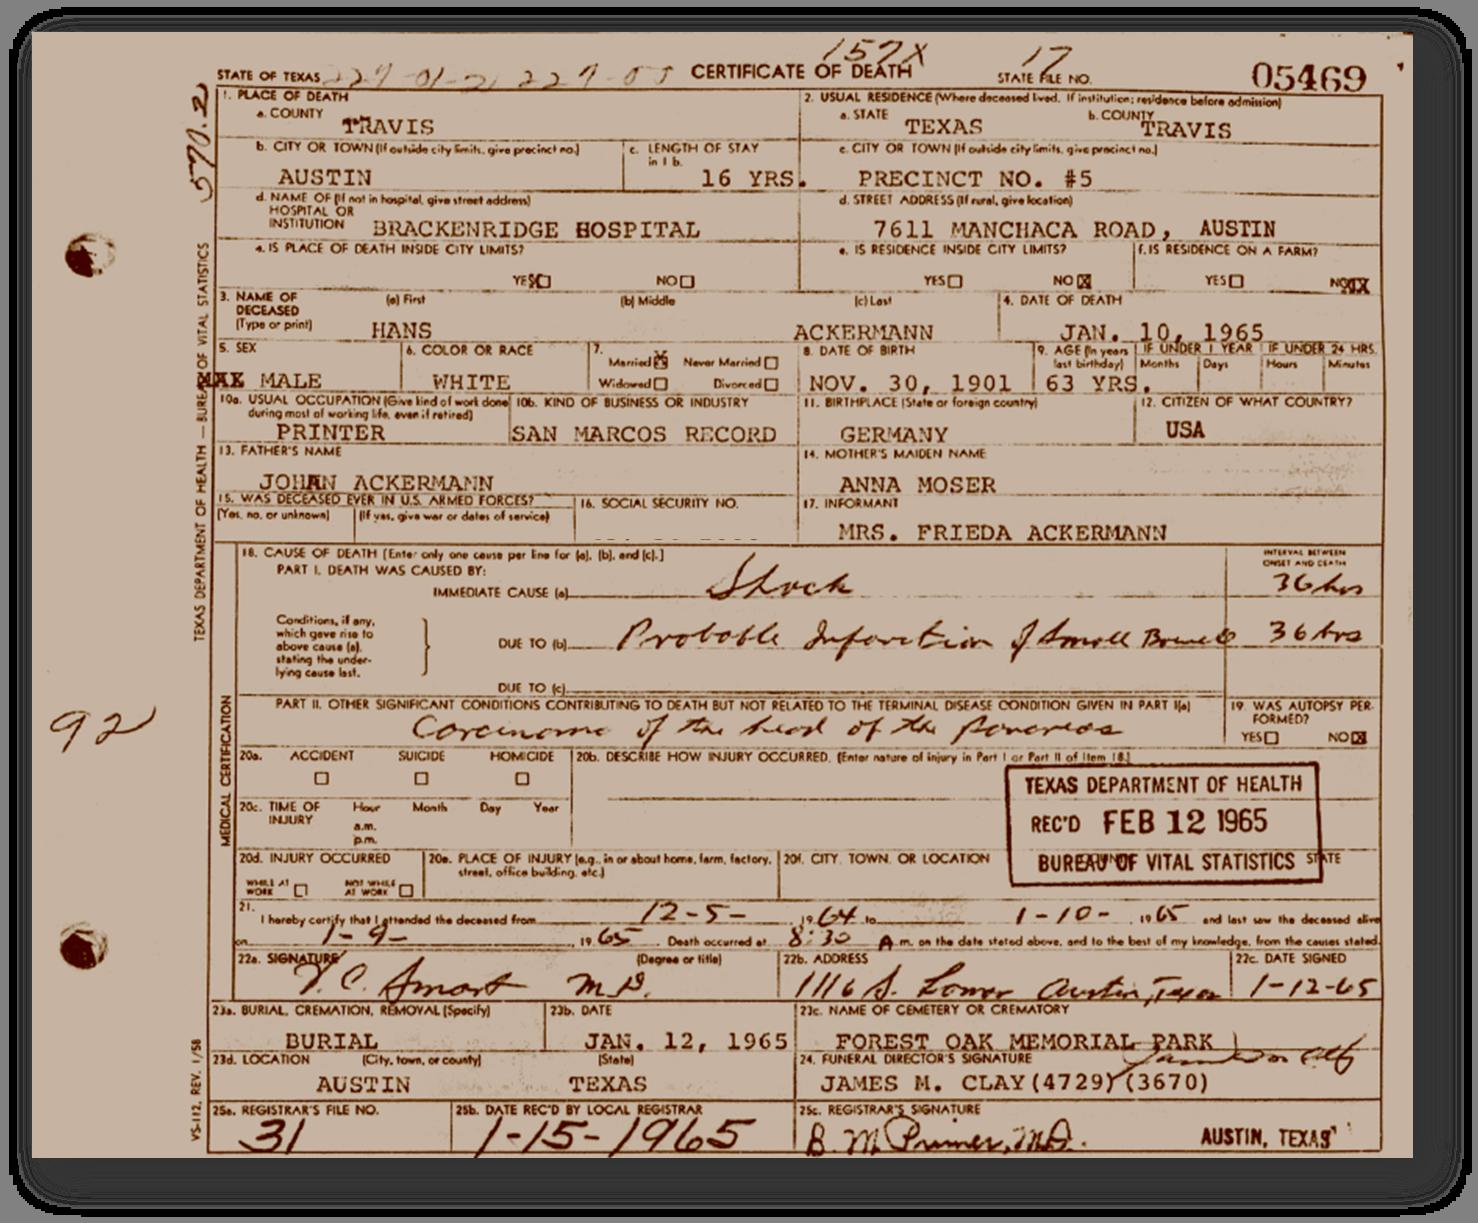 Texas Death Certificate - Hans Ackermann